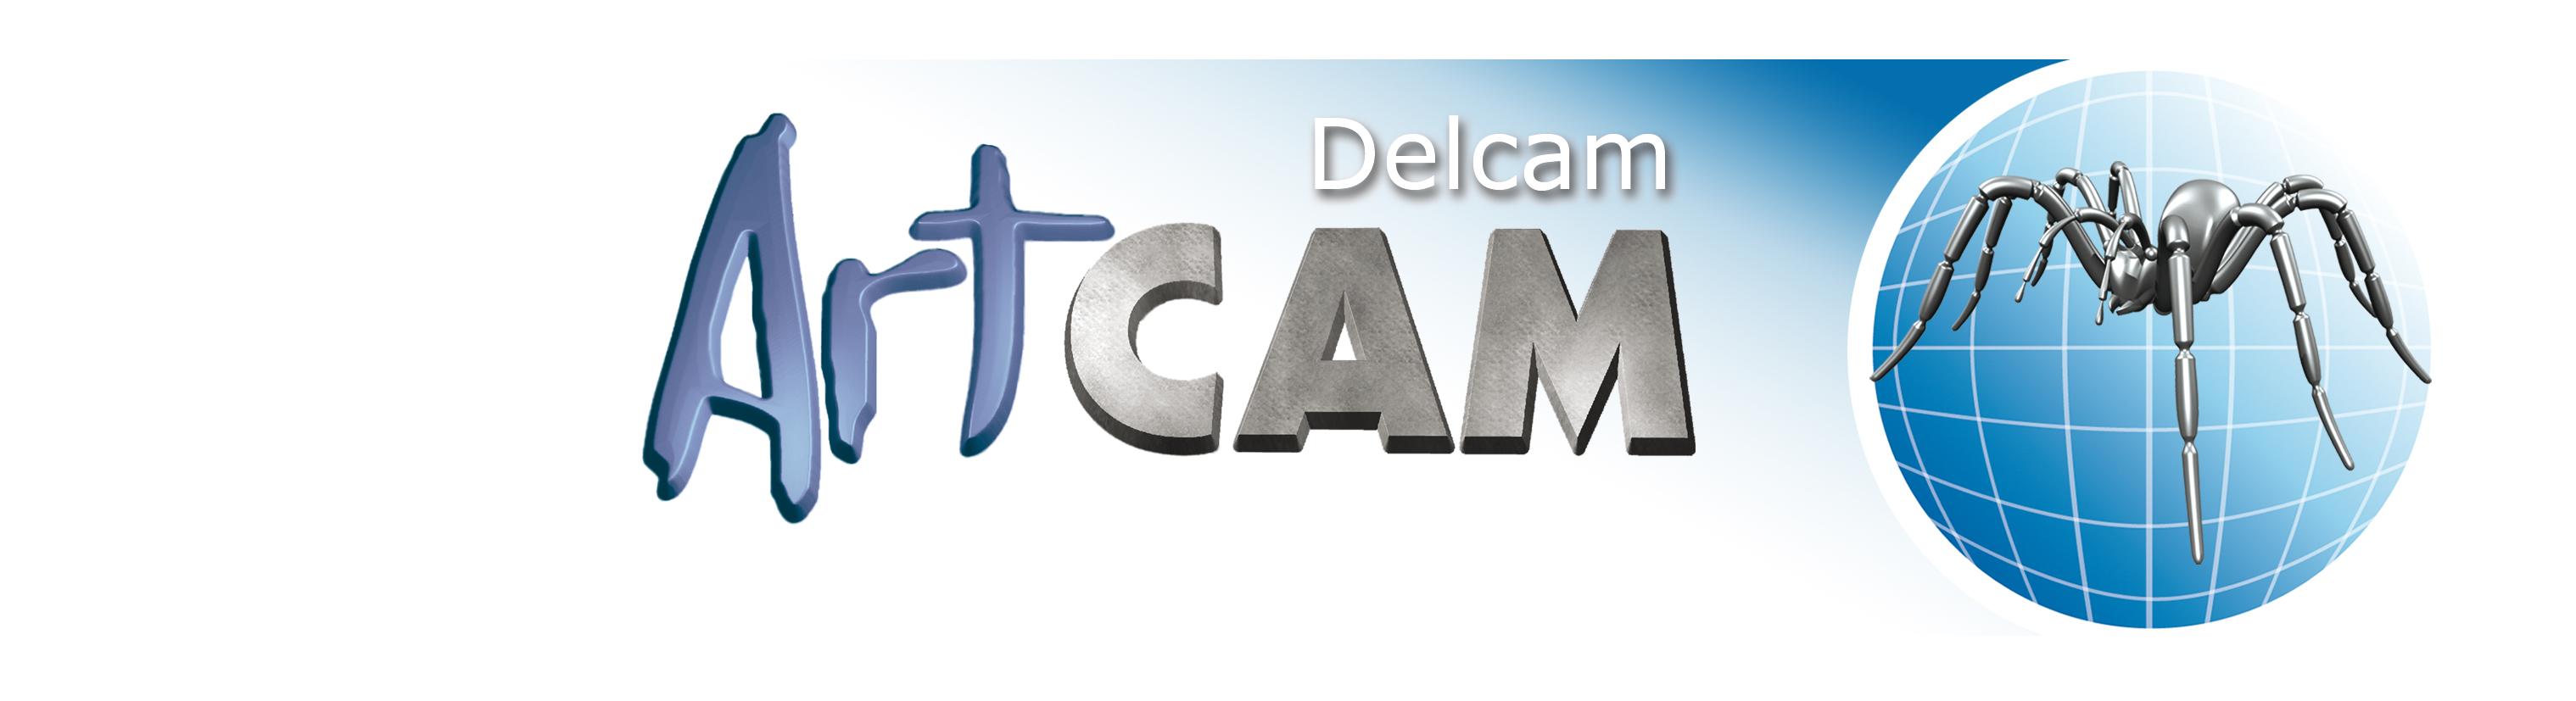 artcam 2010 справочное руководство скачать